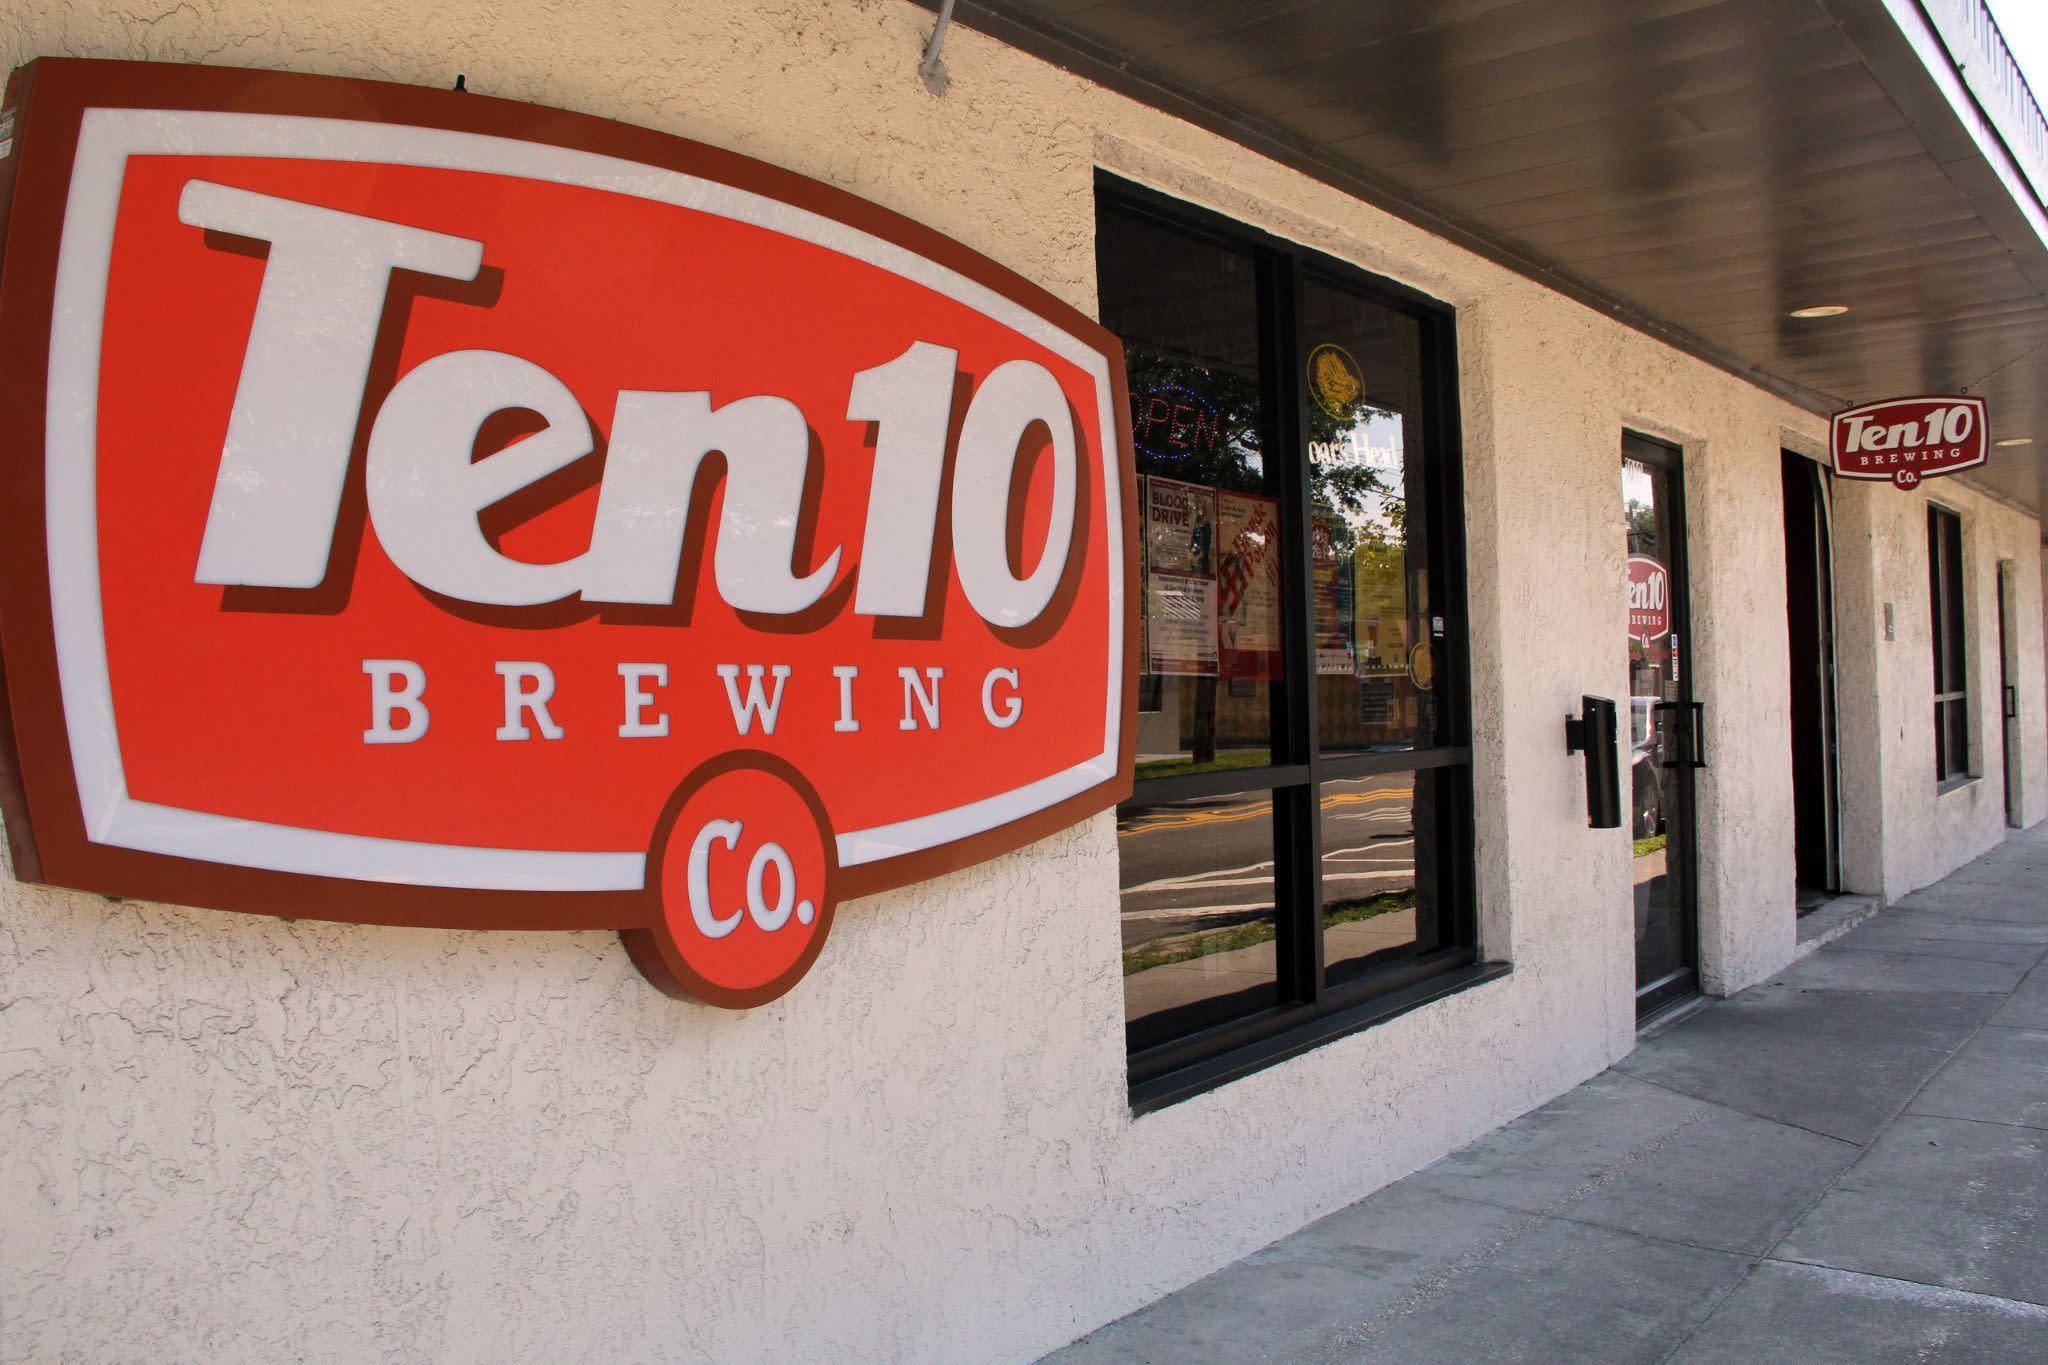 Ten 10 Brewing Co. in Orlando